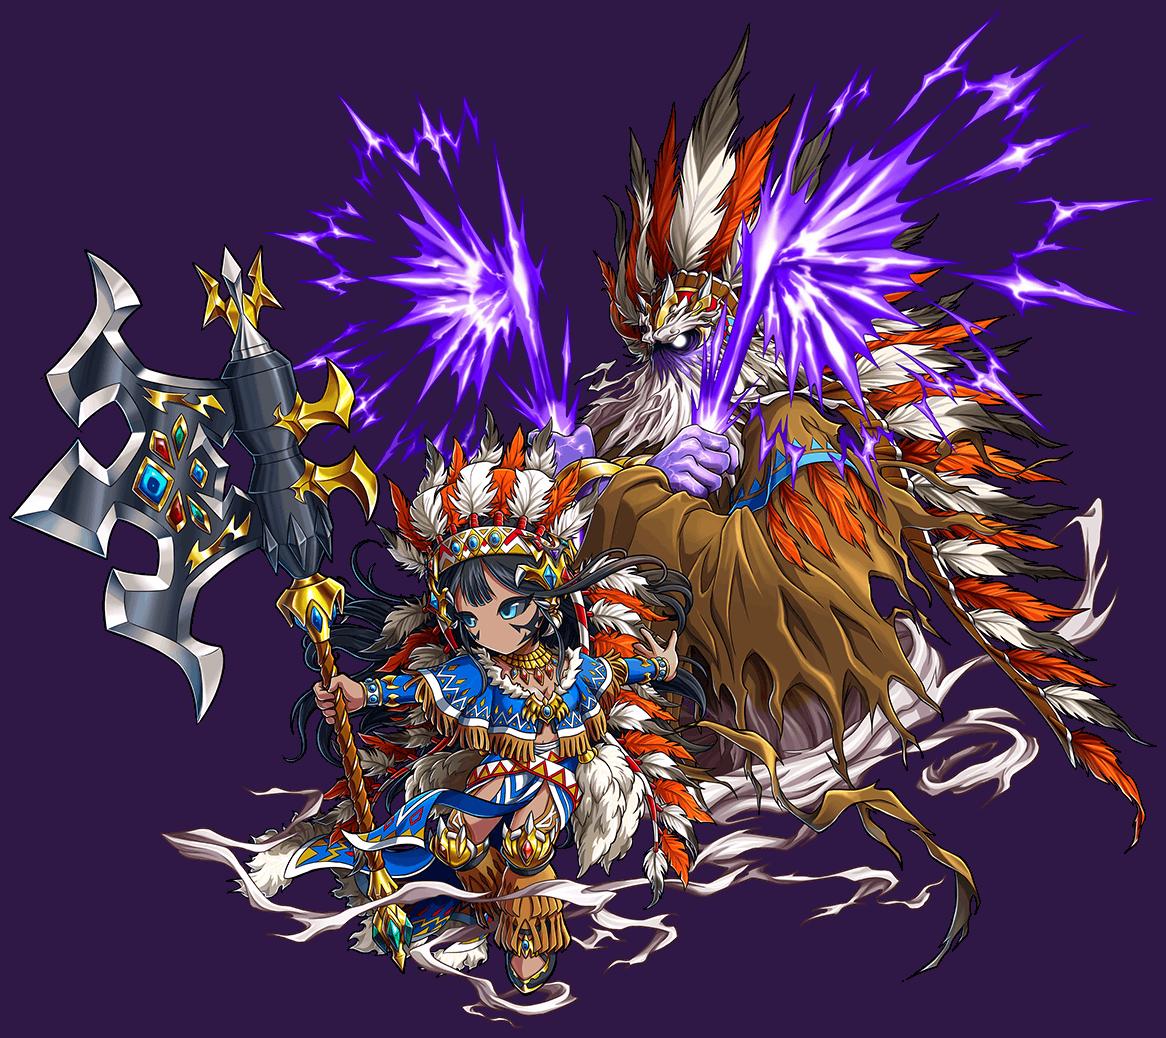 紫昏の創斧神マハル